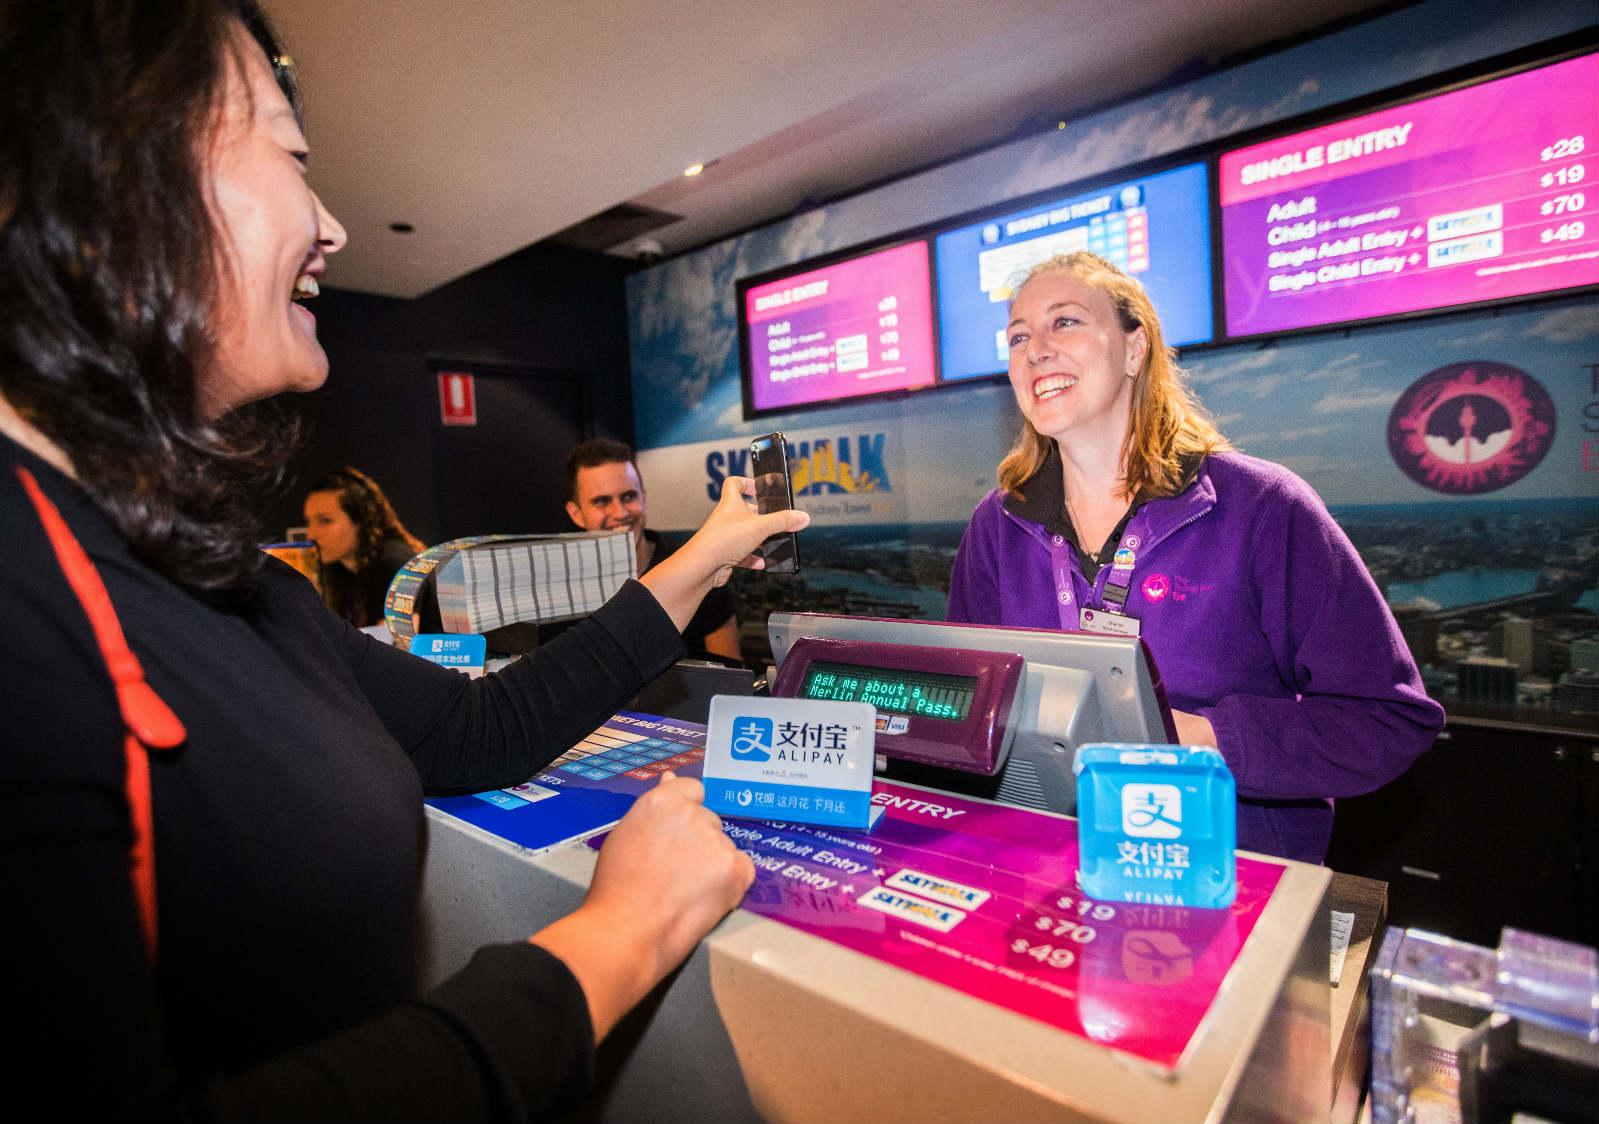 2018年4月,来自中国的游客在澳洲悉尼参观悉尼塔时,使用支付宝购买门票。_meitu_2